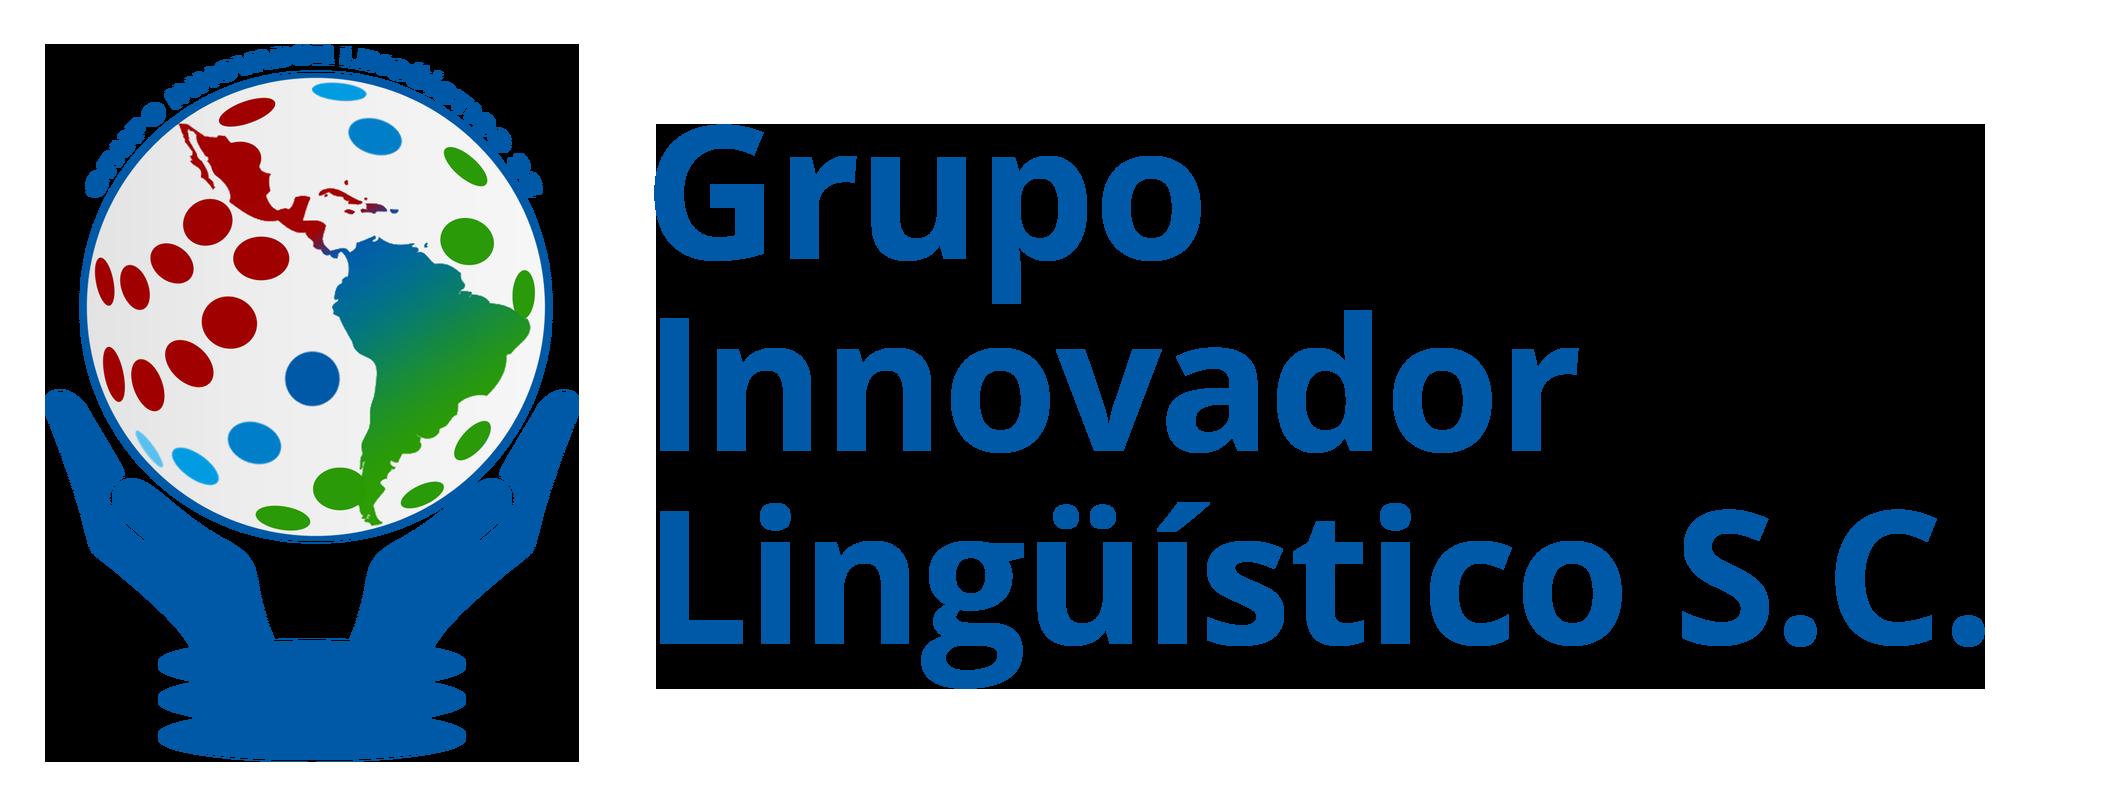 Grupo Innovador Lingüístico S.C.